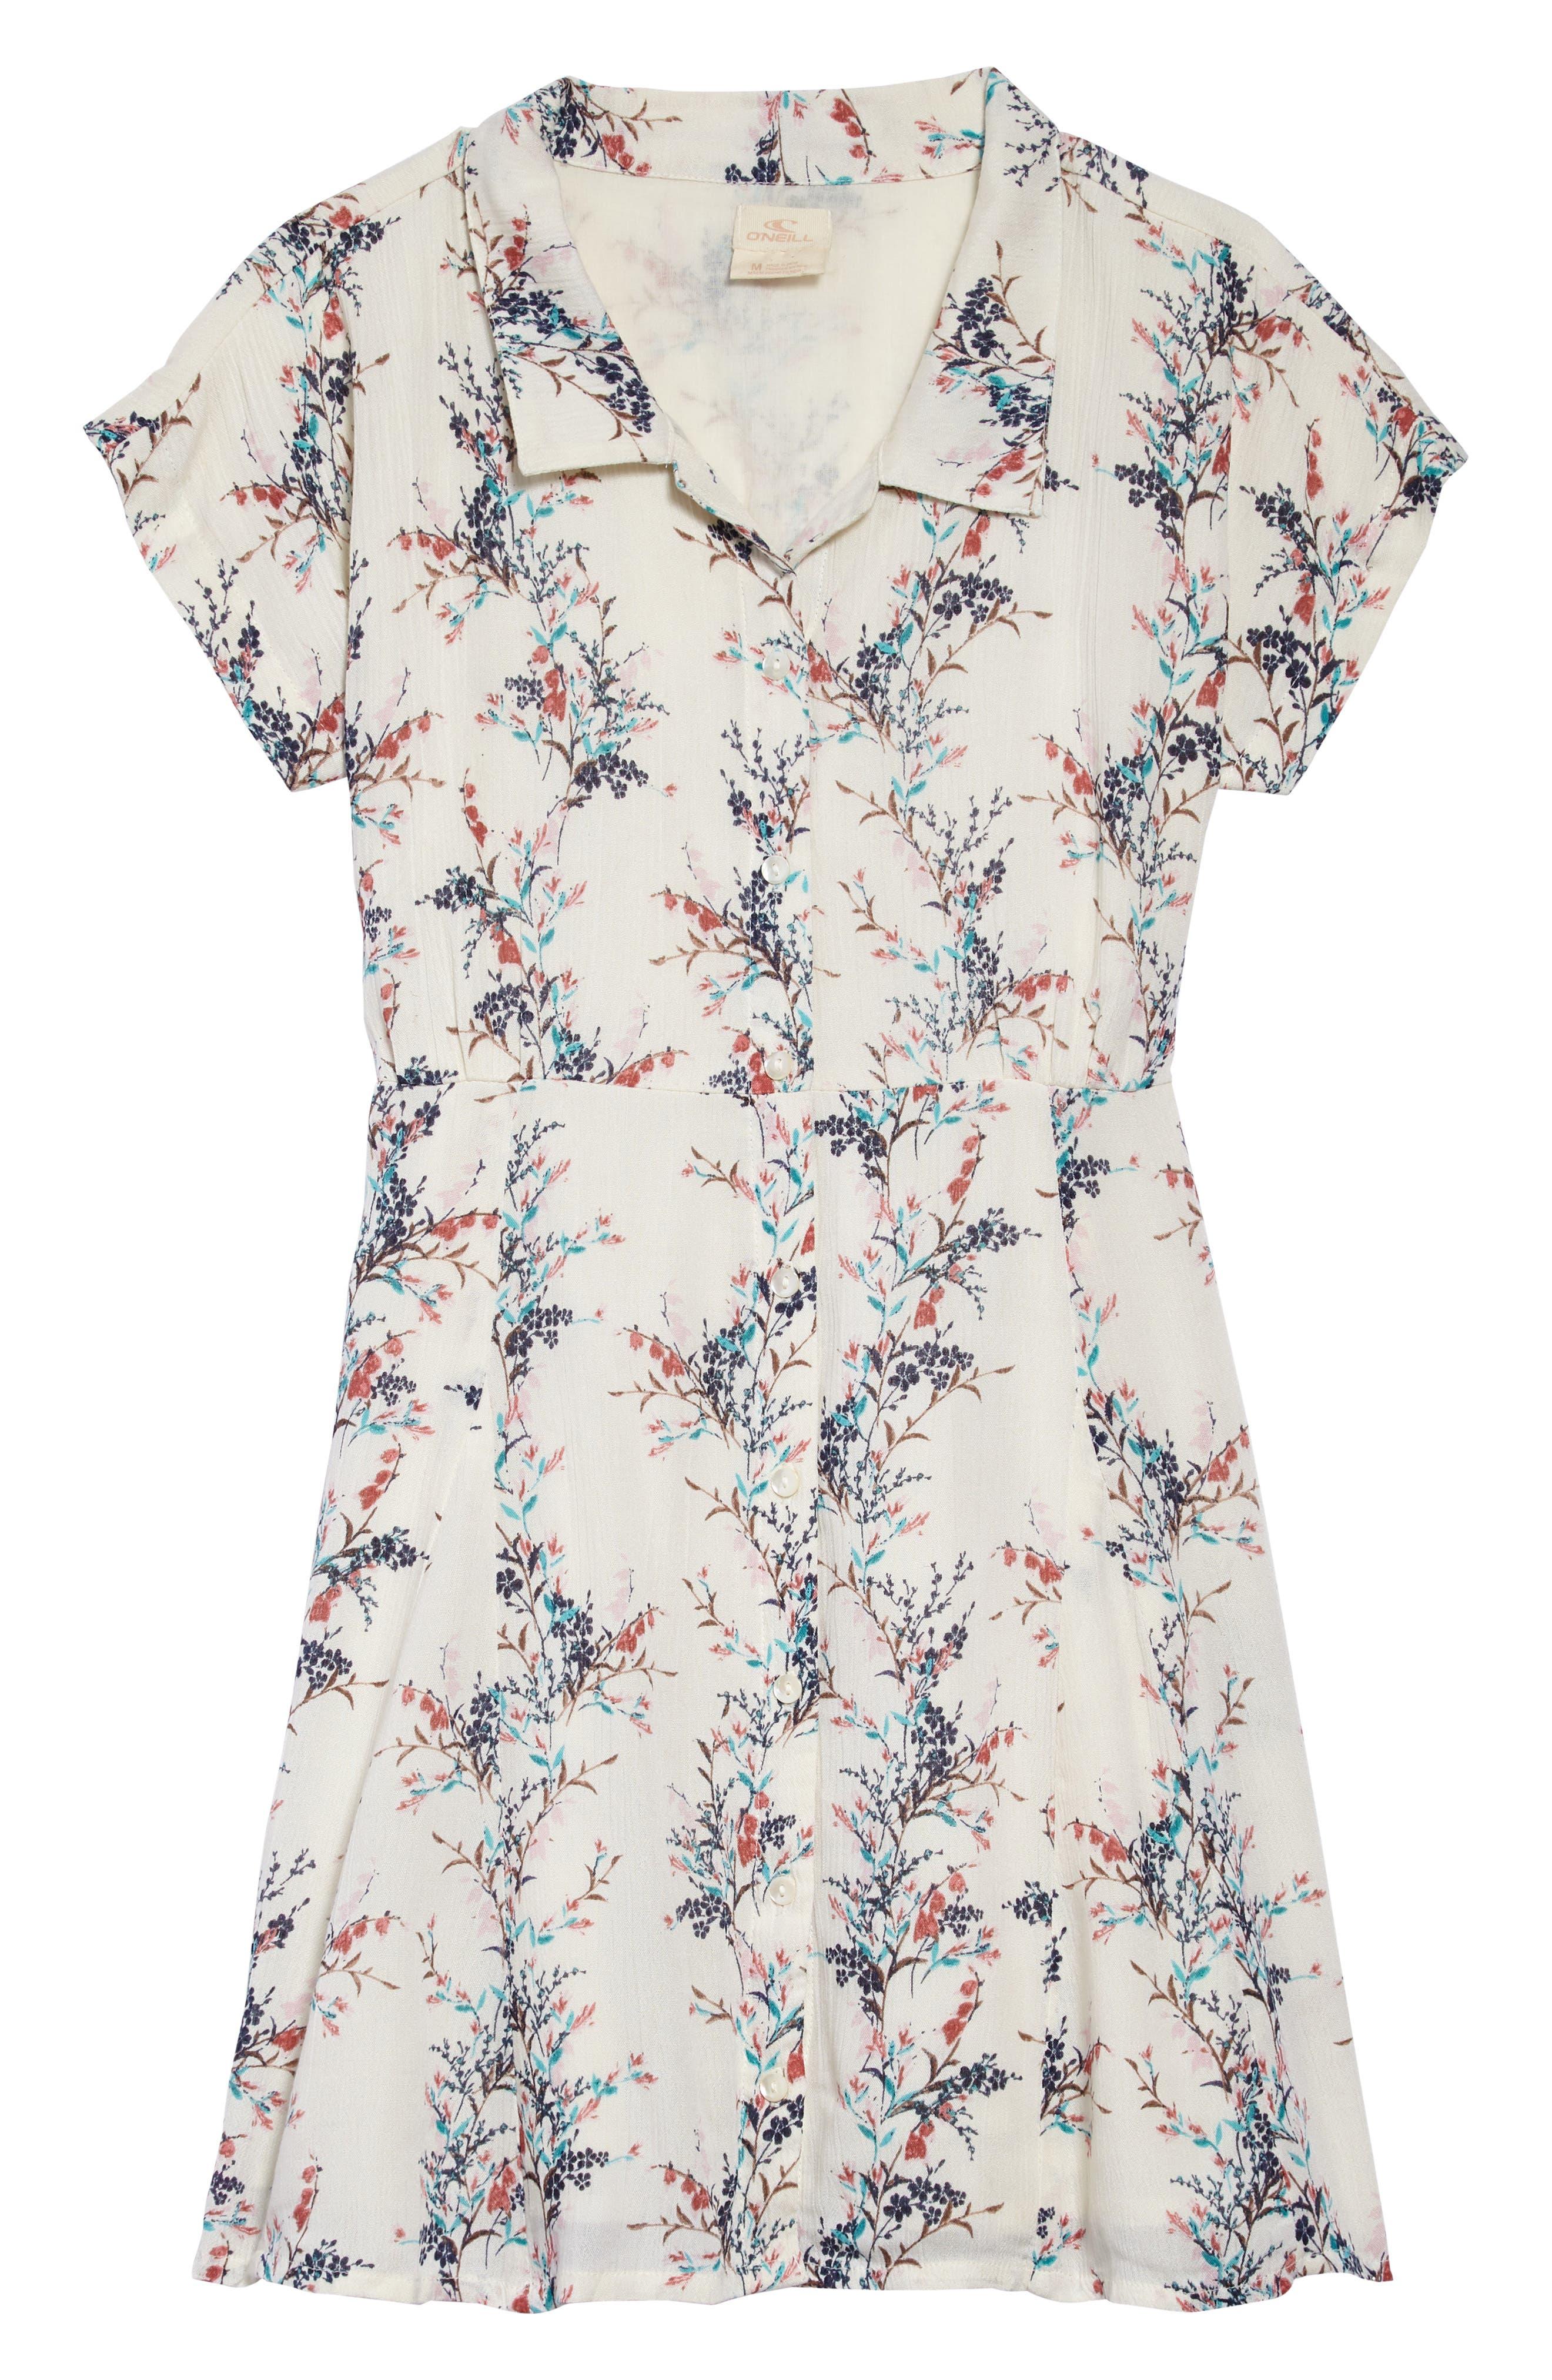 Annalyn Floral Dress,                             Main thumbnail 1, color,                             NAKED